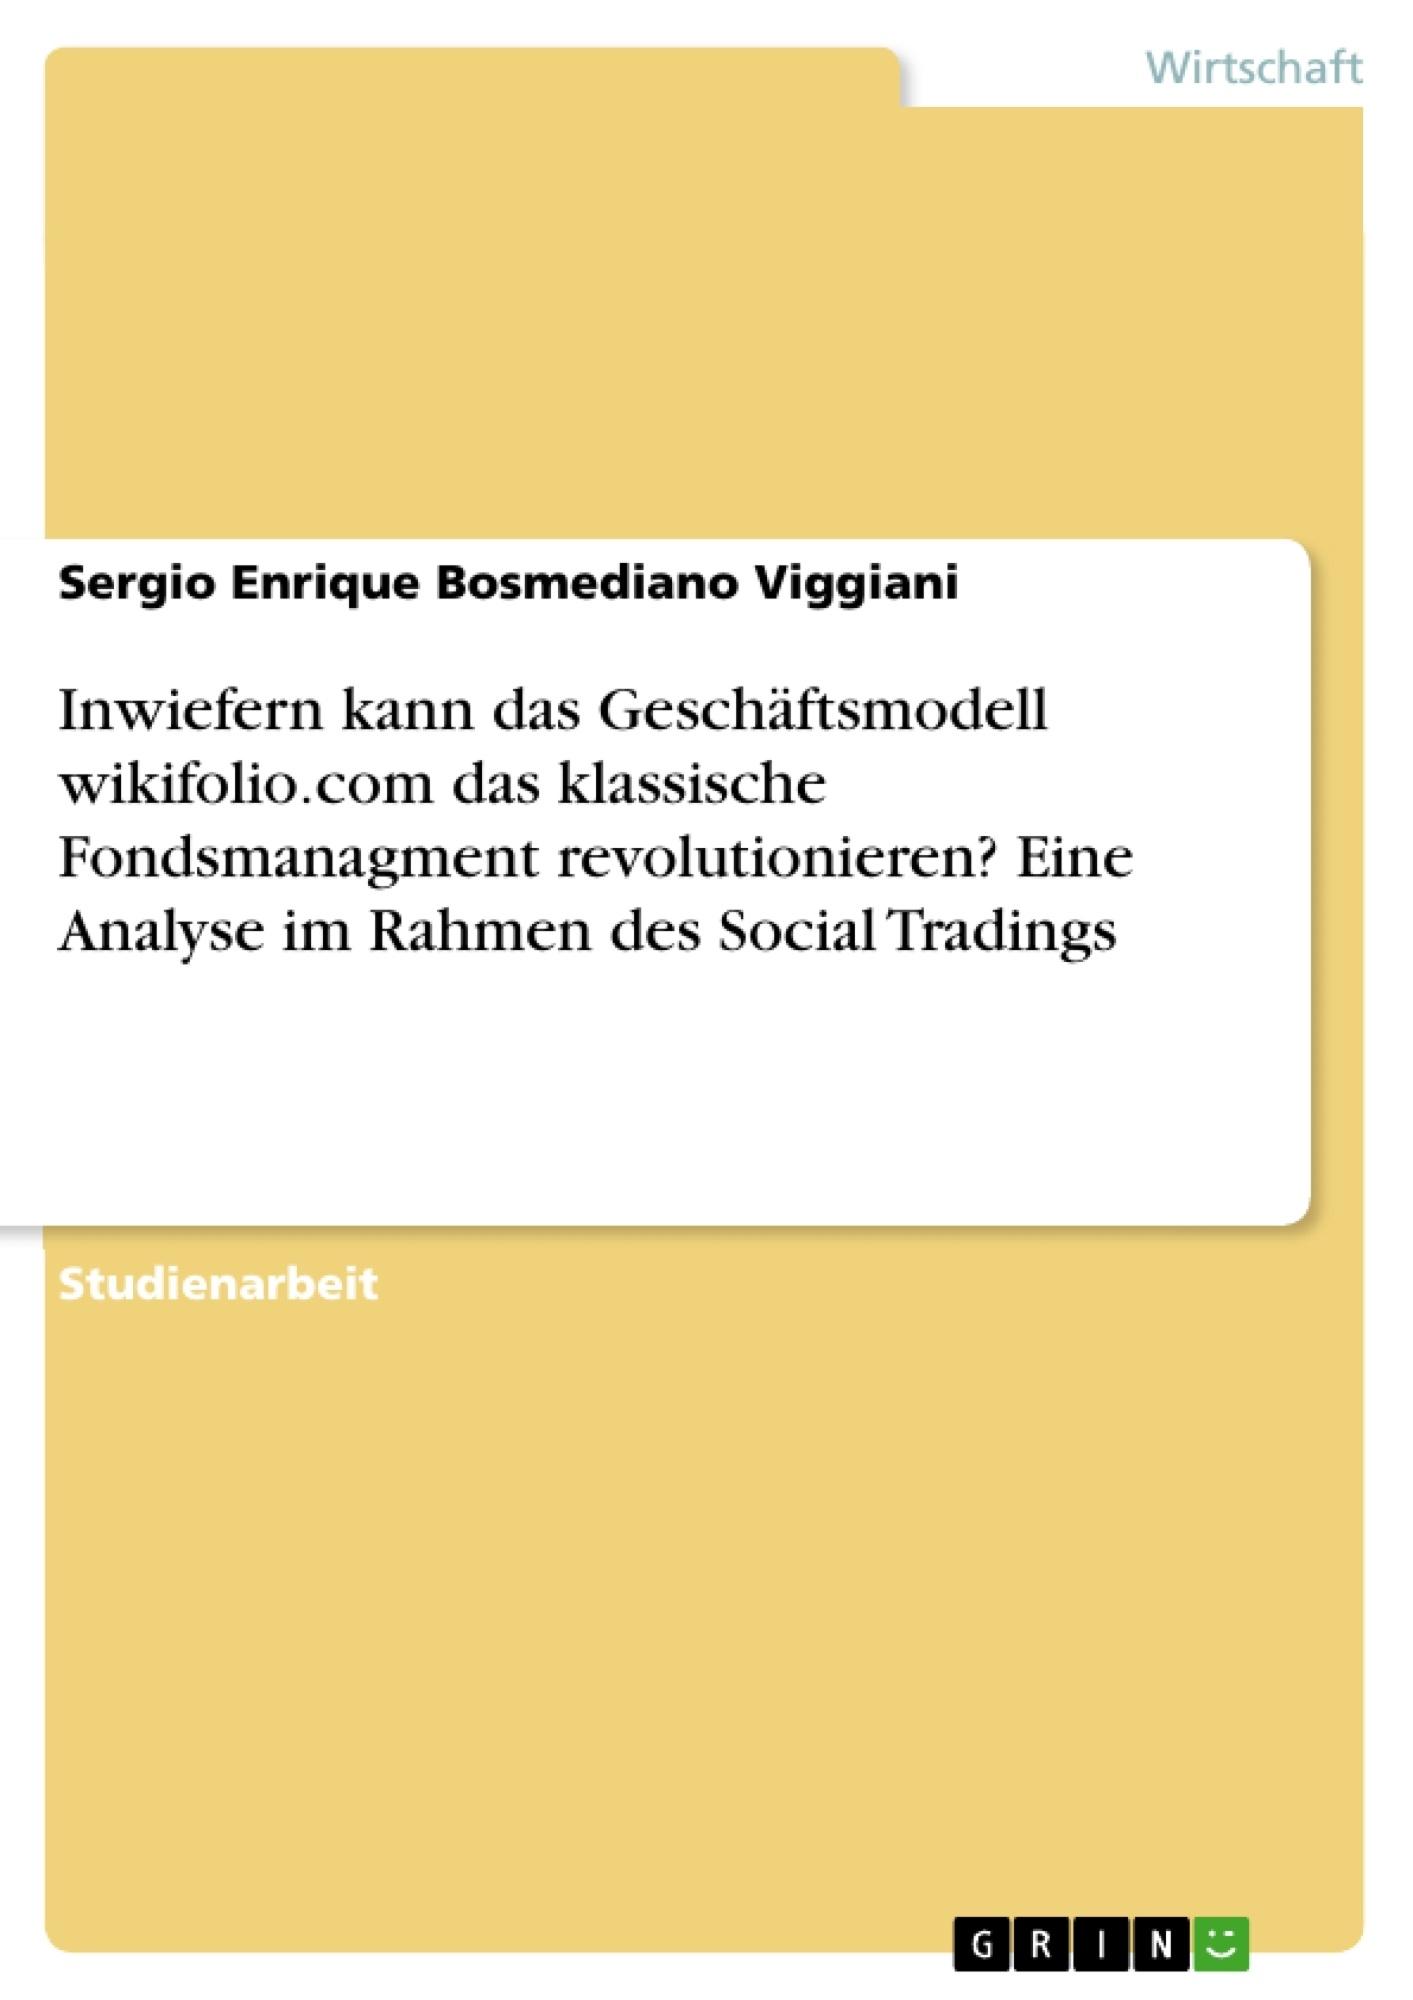 Titel: Inwiefern kann das Geschäftsmodell wikifolio.com das klassische Fondsmanagment revolutionieren? Eine Analyse im Rahmen des Social Tradings